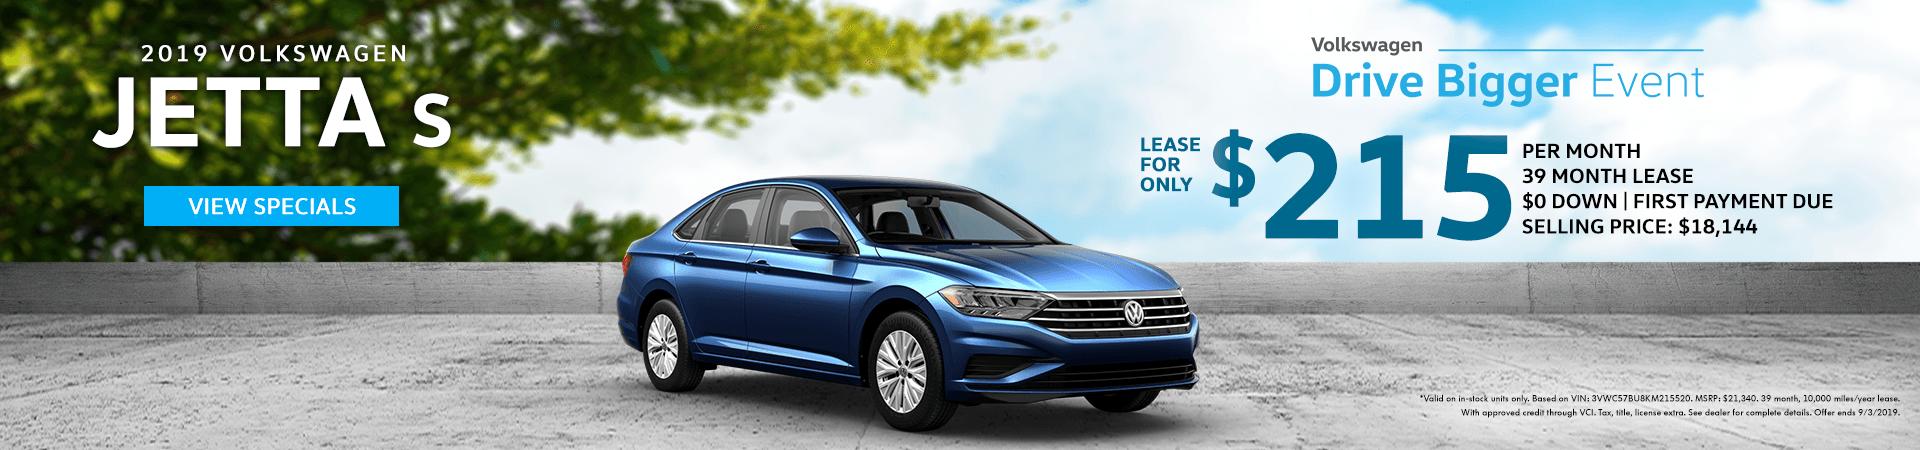 Drive Bigger Sales Event - 2019 Jetta